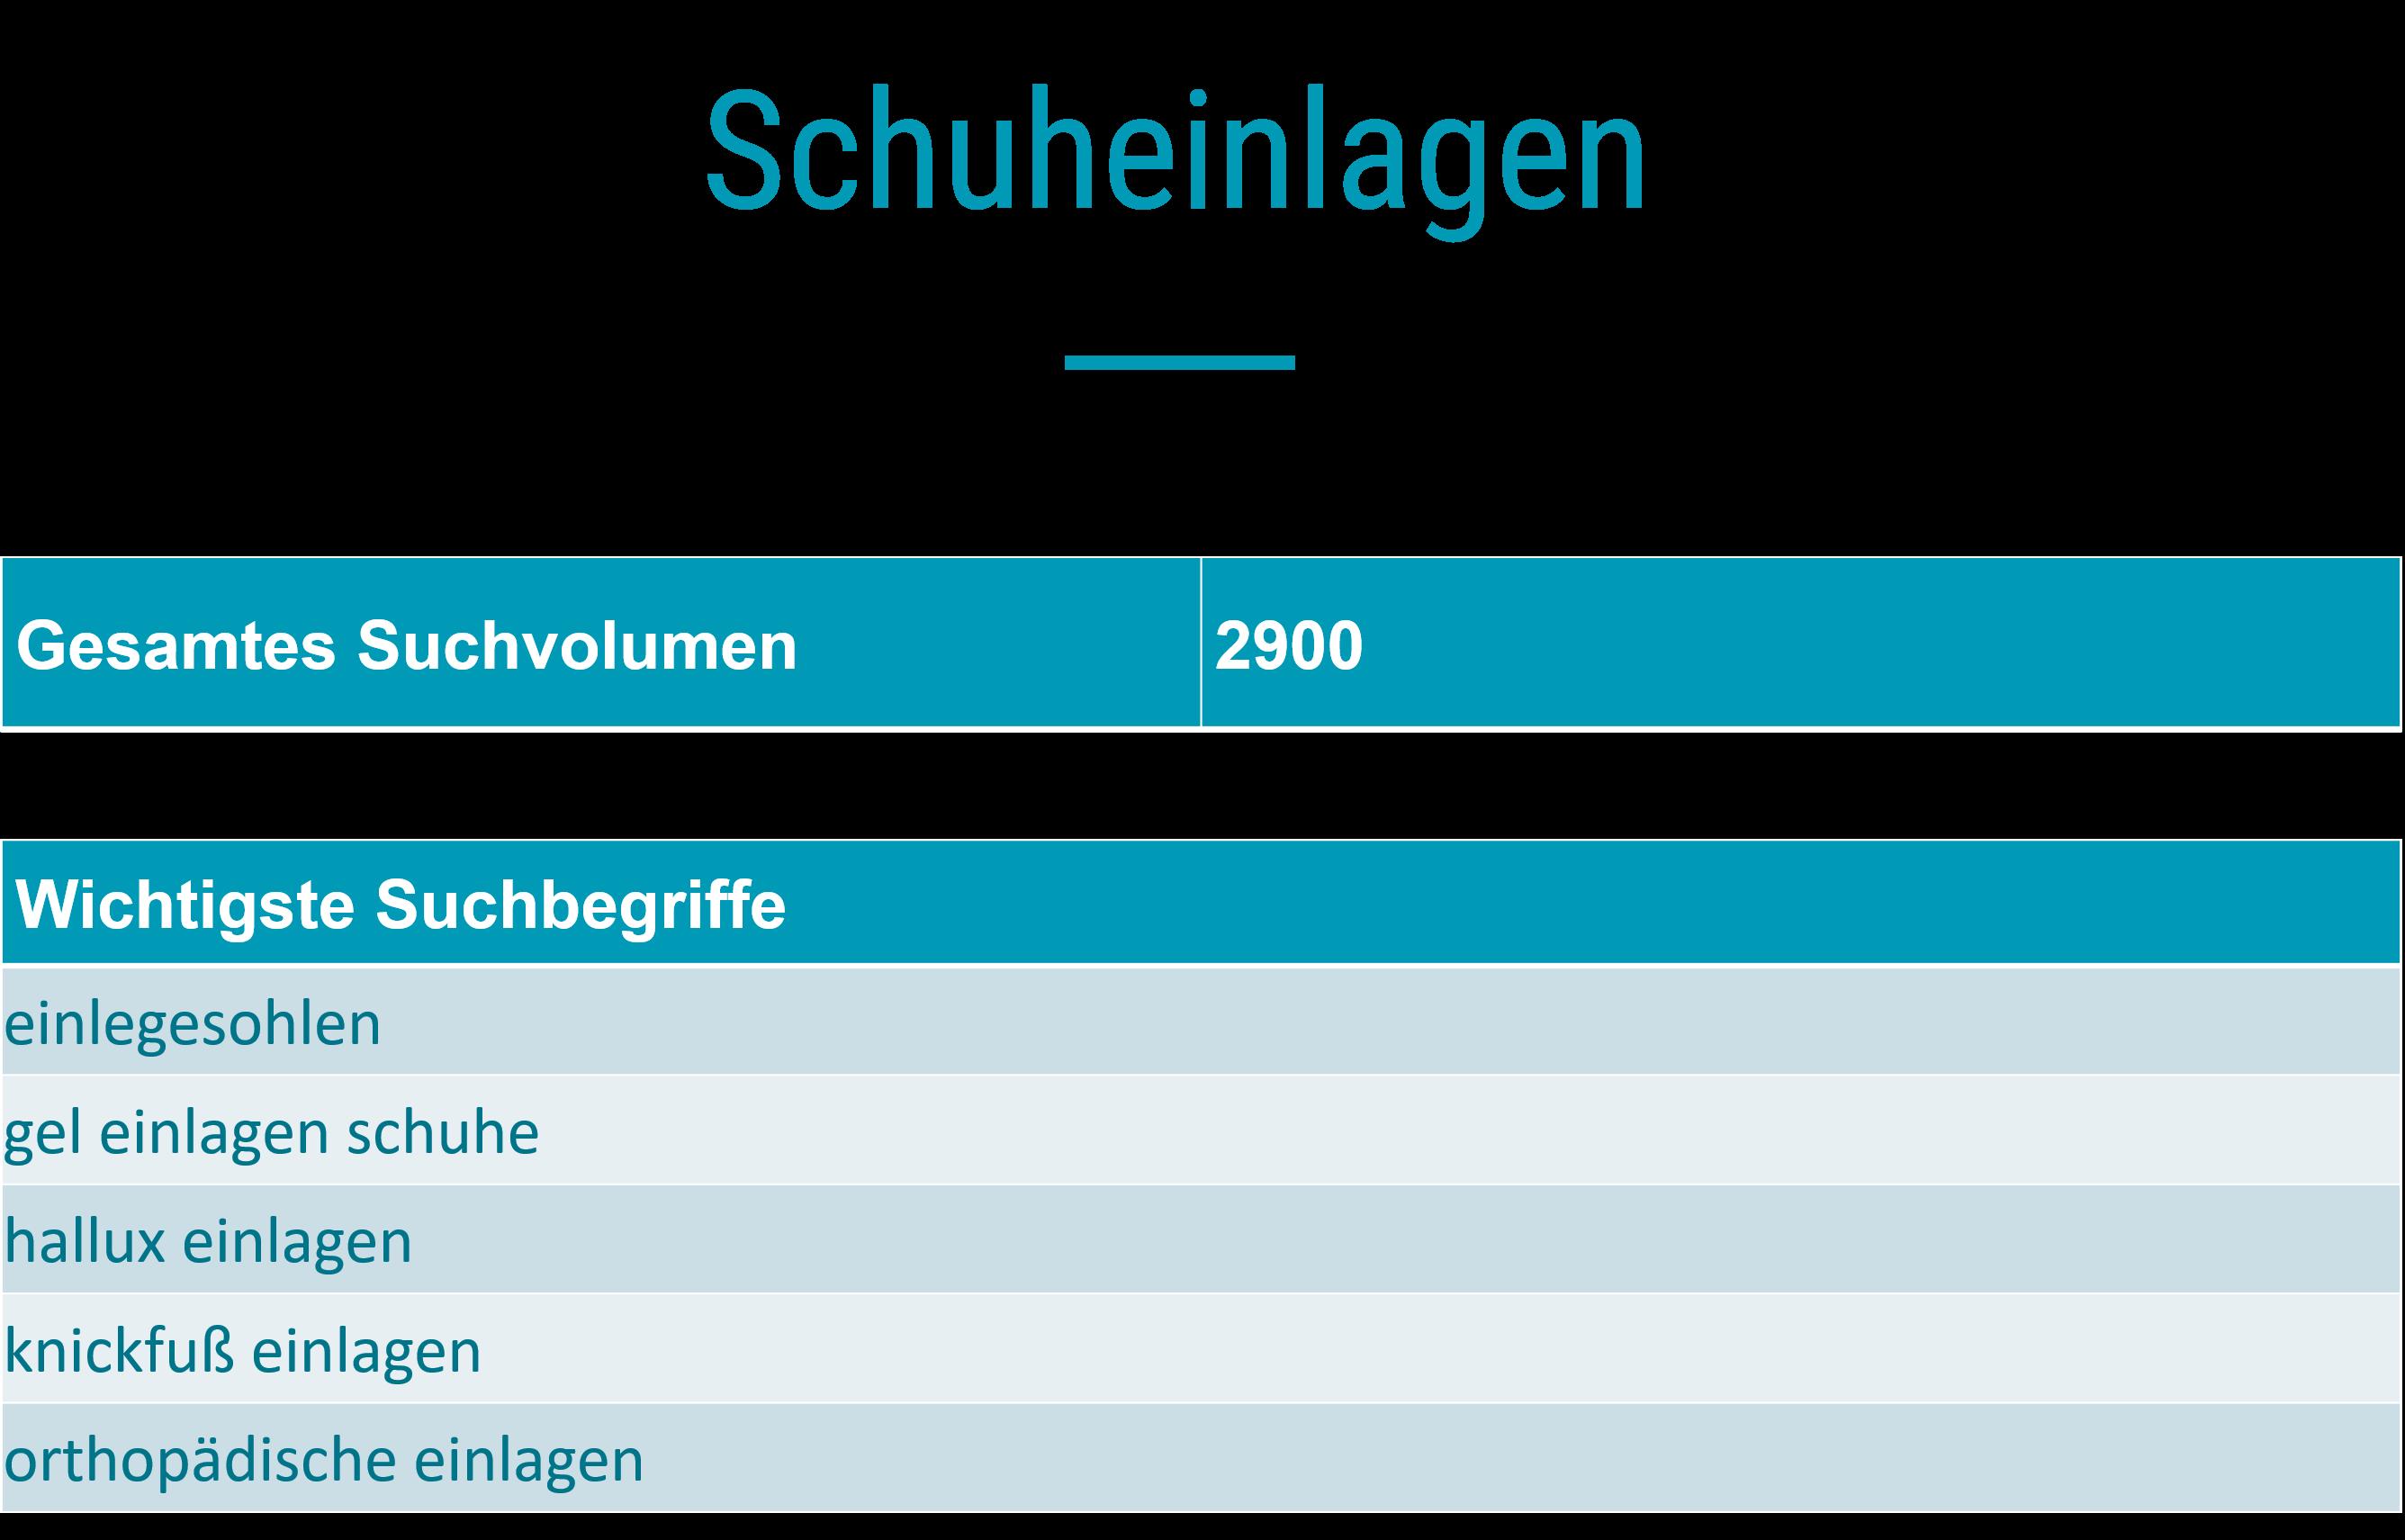 Suchanalyse_Schuheinlagen